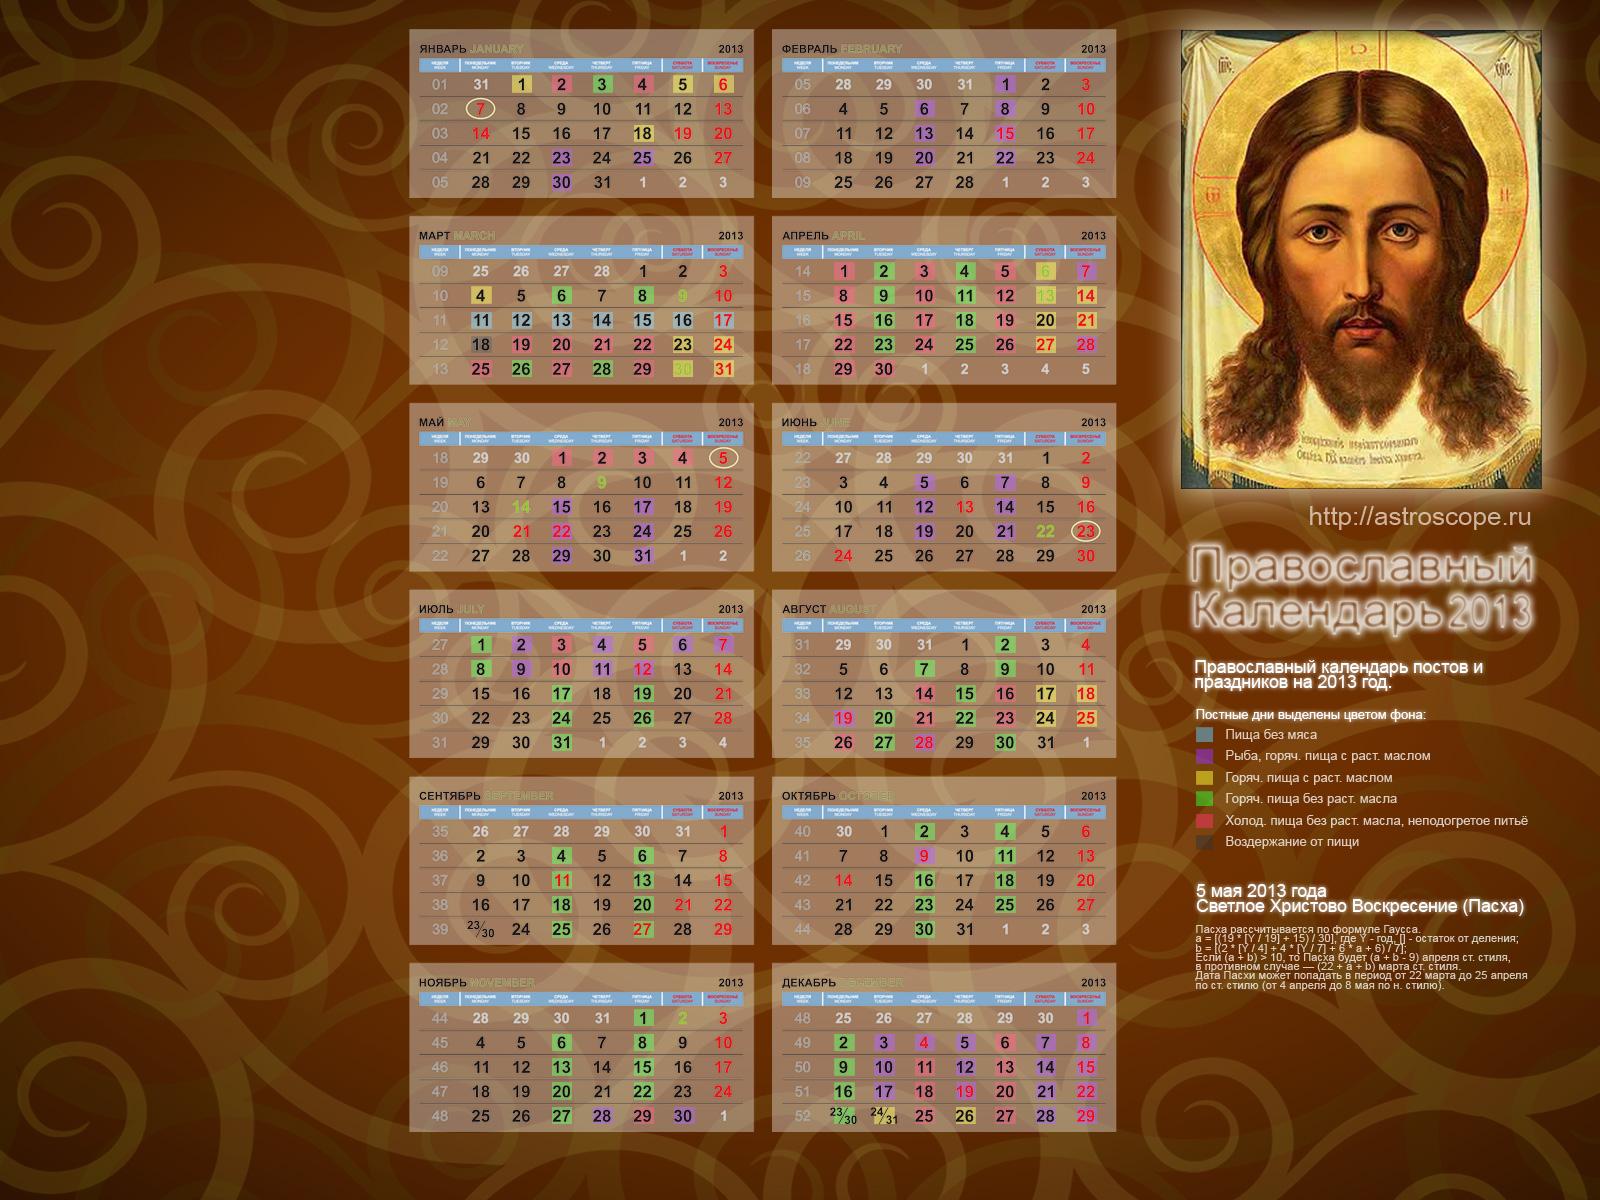 24 декабря правосл кплендарь значении имени Сережа